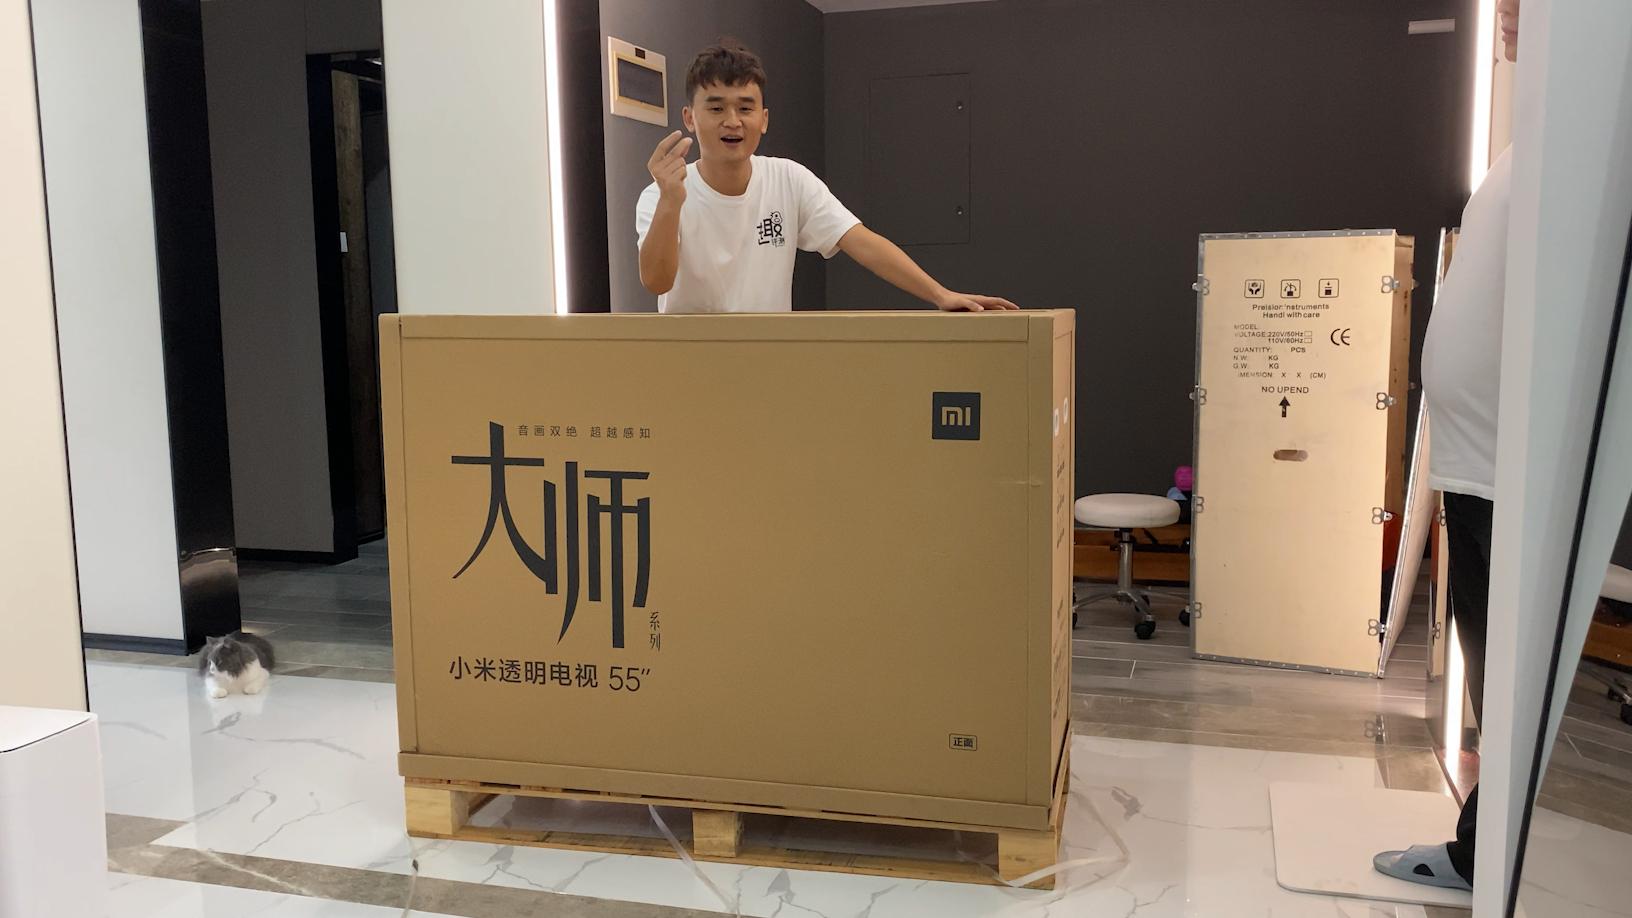 49999 元的小米大师透明电视真机开箱!